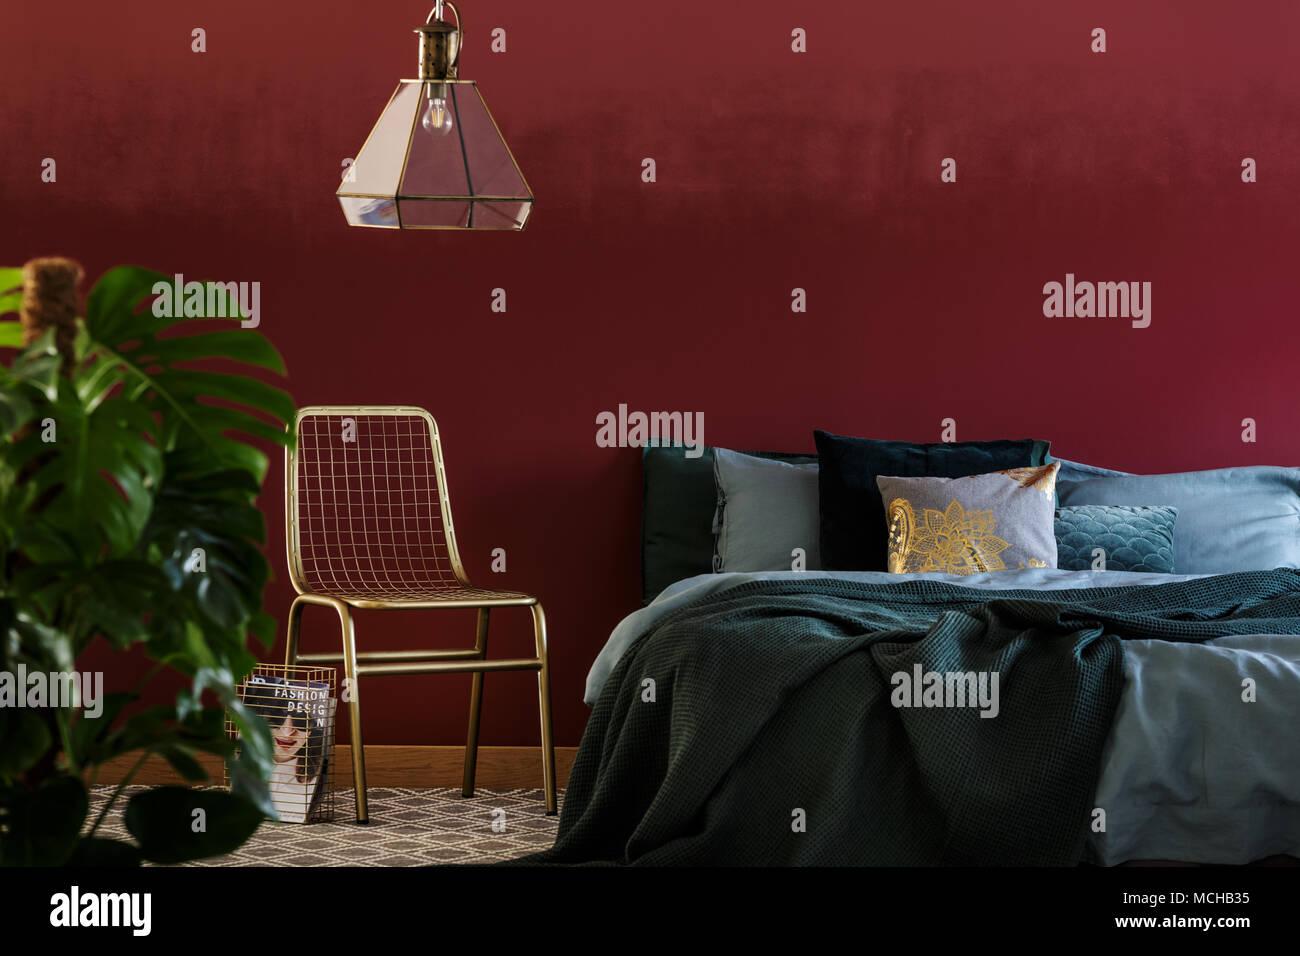 King Size Bett Mit Grauer Bettwasche Und Vielen Kissen Im